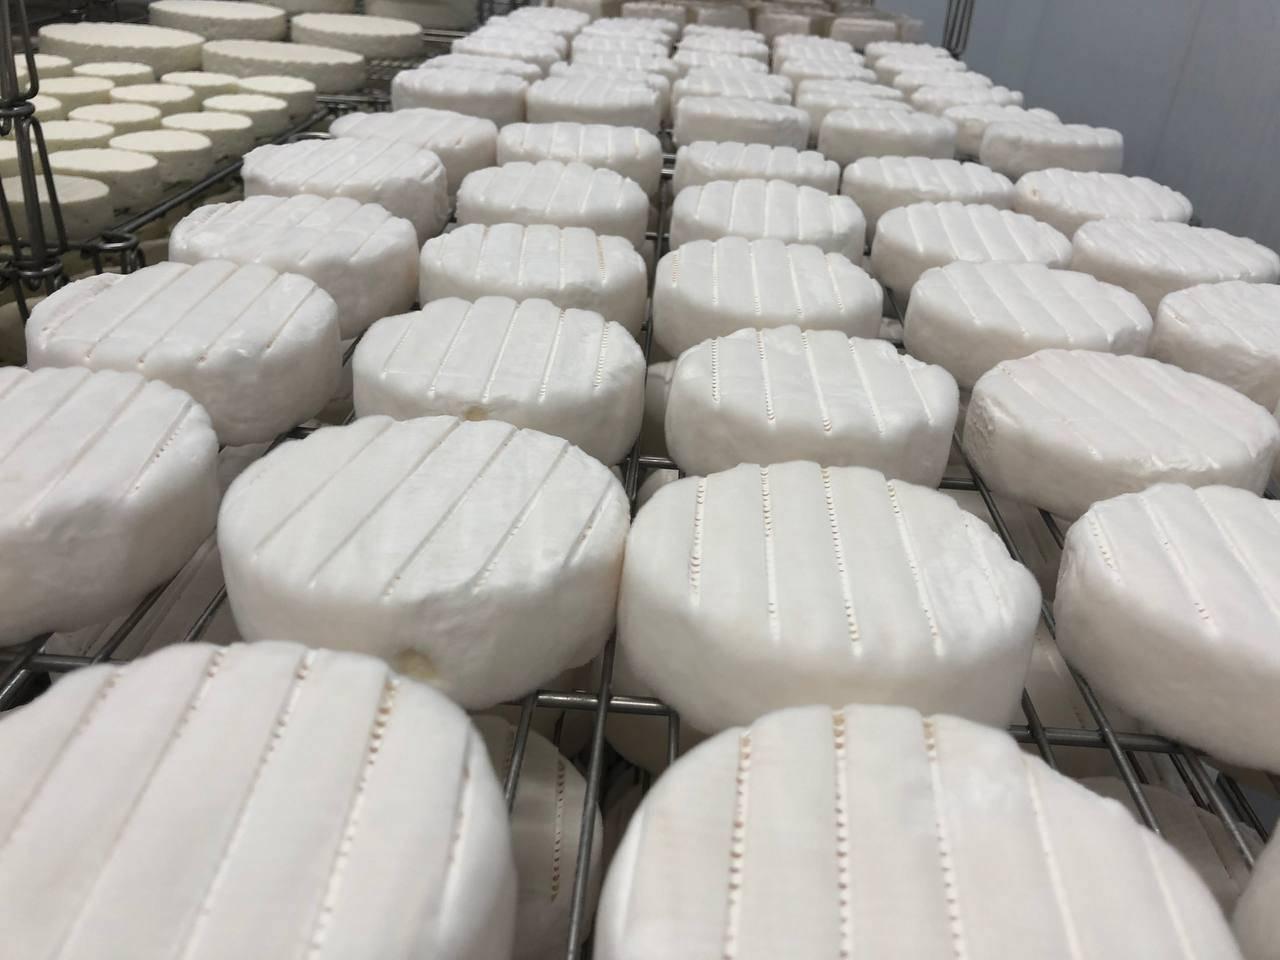 Порядка тысячи тонн продукции в год будут производить на новой сыроварне в Чеховском округе | Изображение 3